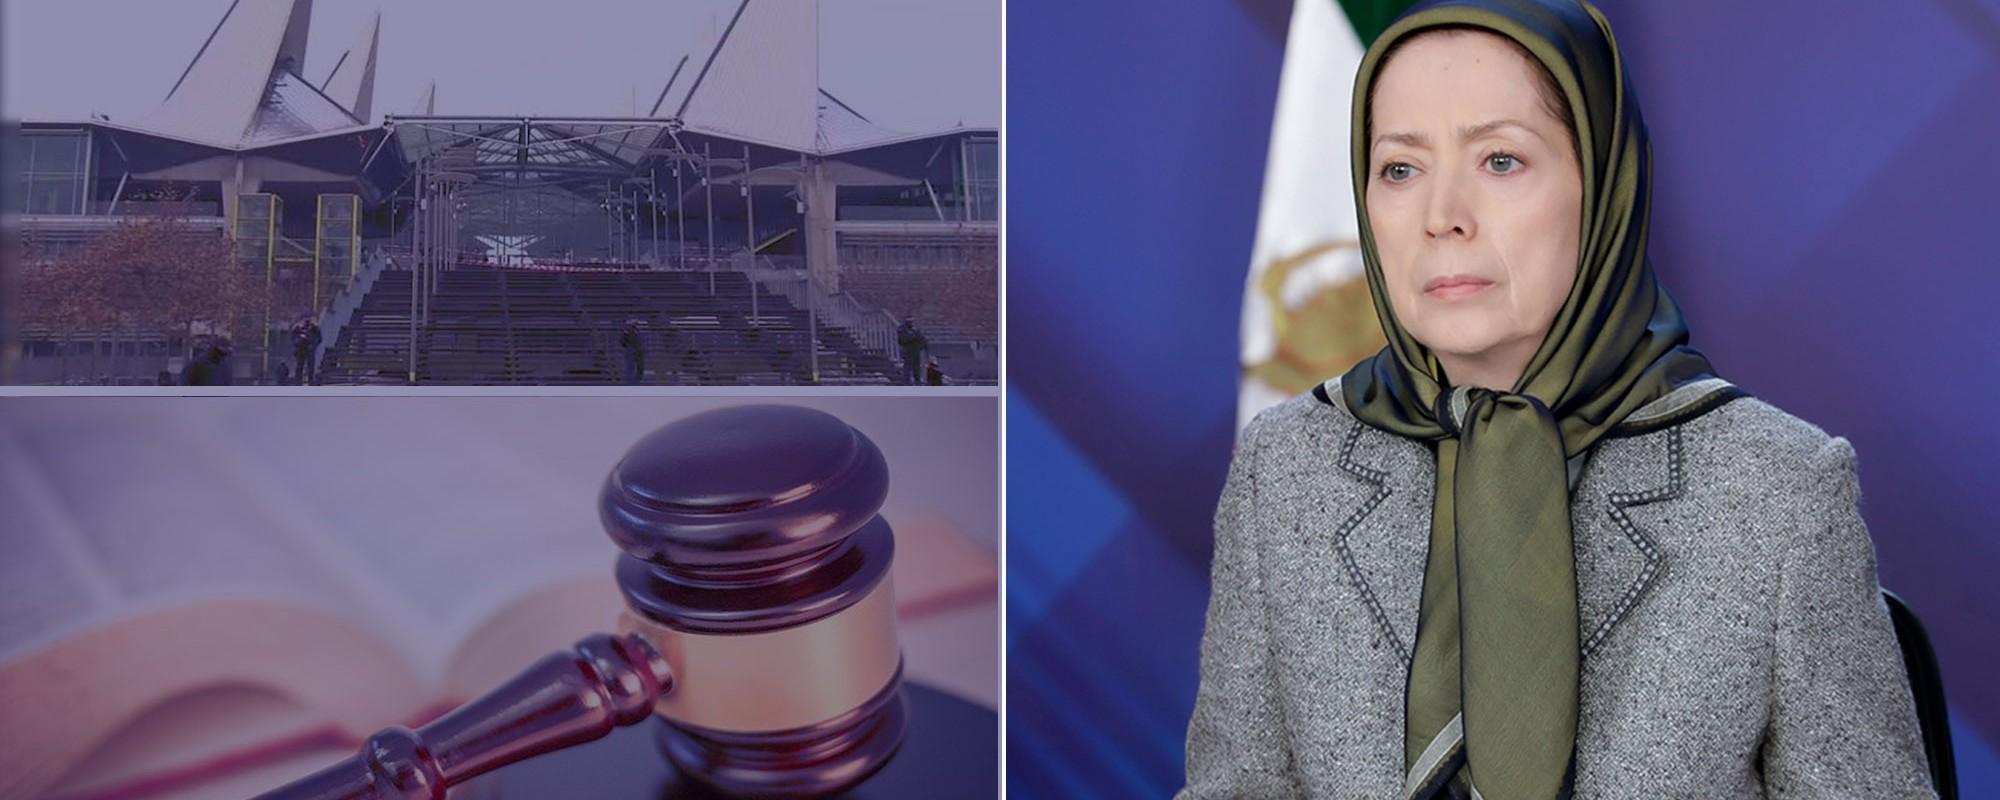 مريم رجوي: يجب إدراج وزارة المخابرات وقوات الحرس في قائمة الإرهاب